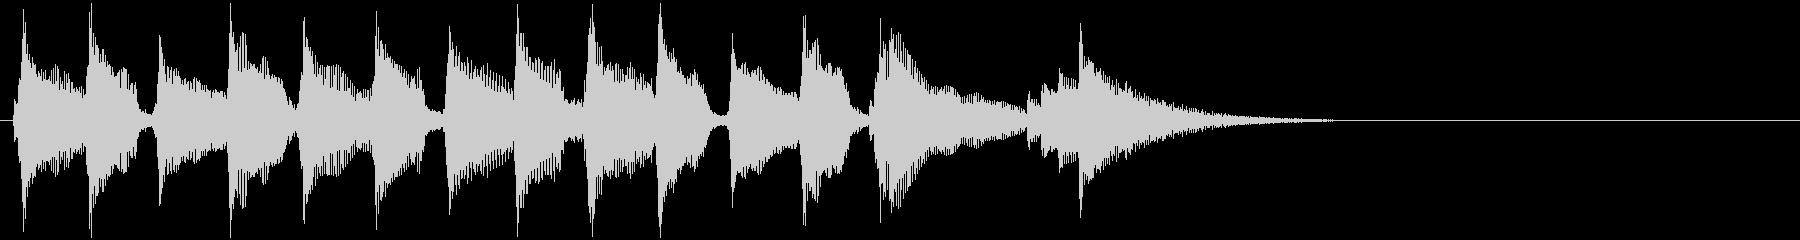 CMあけで流れそうなウクレレ3の未再生の波形